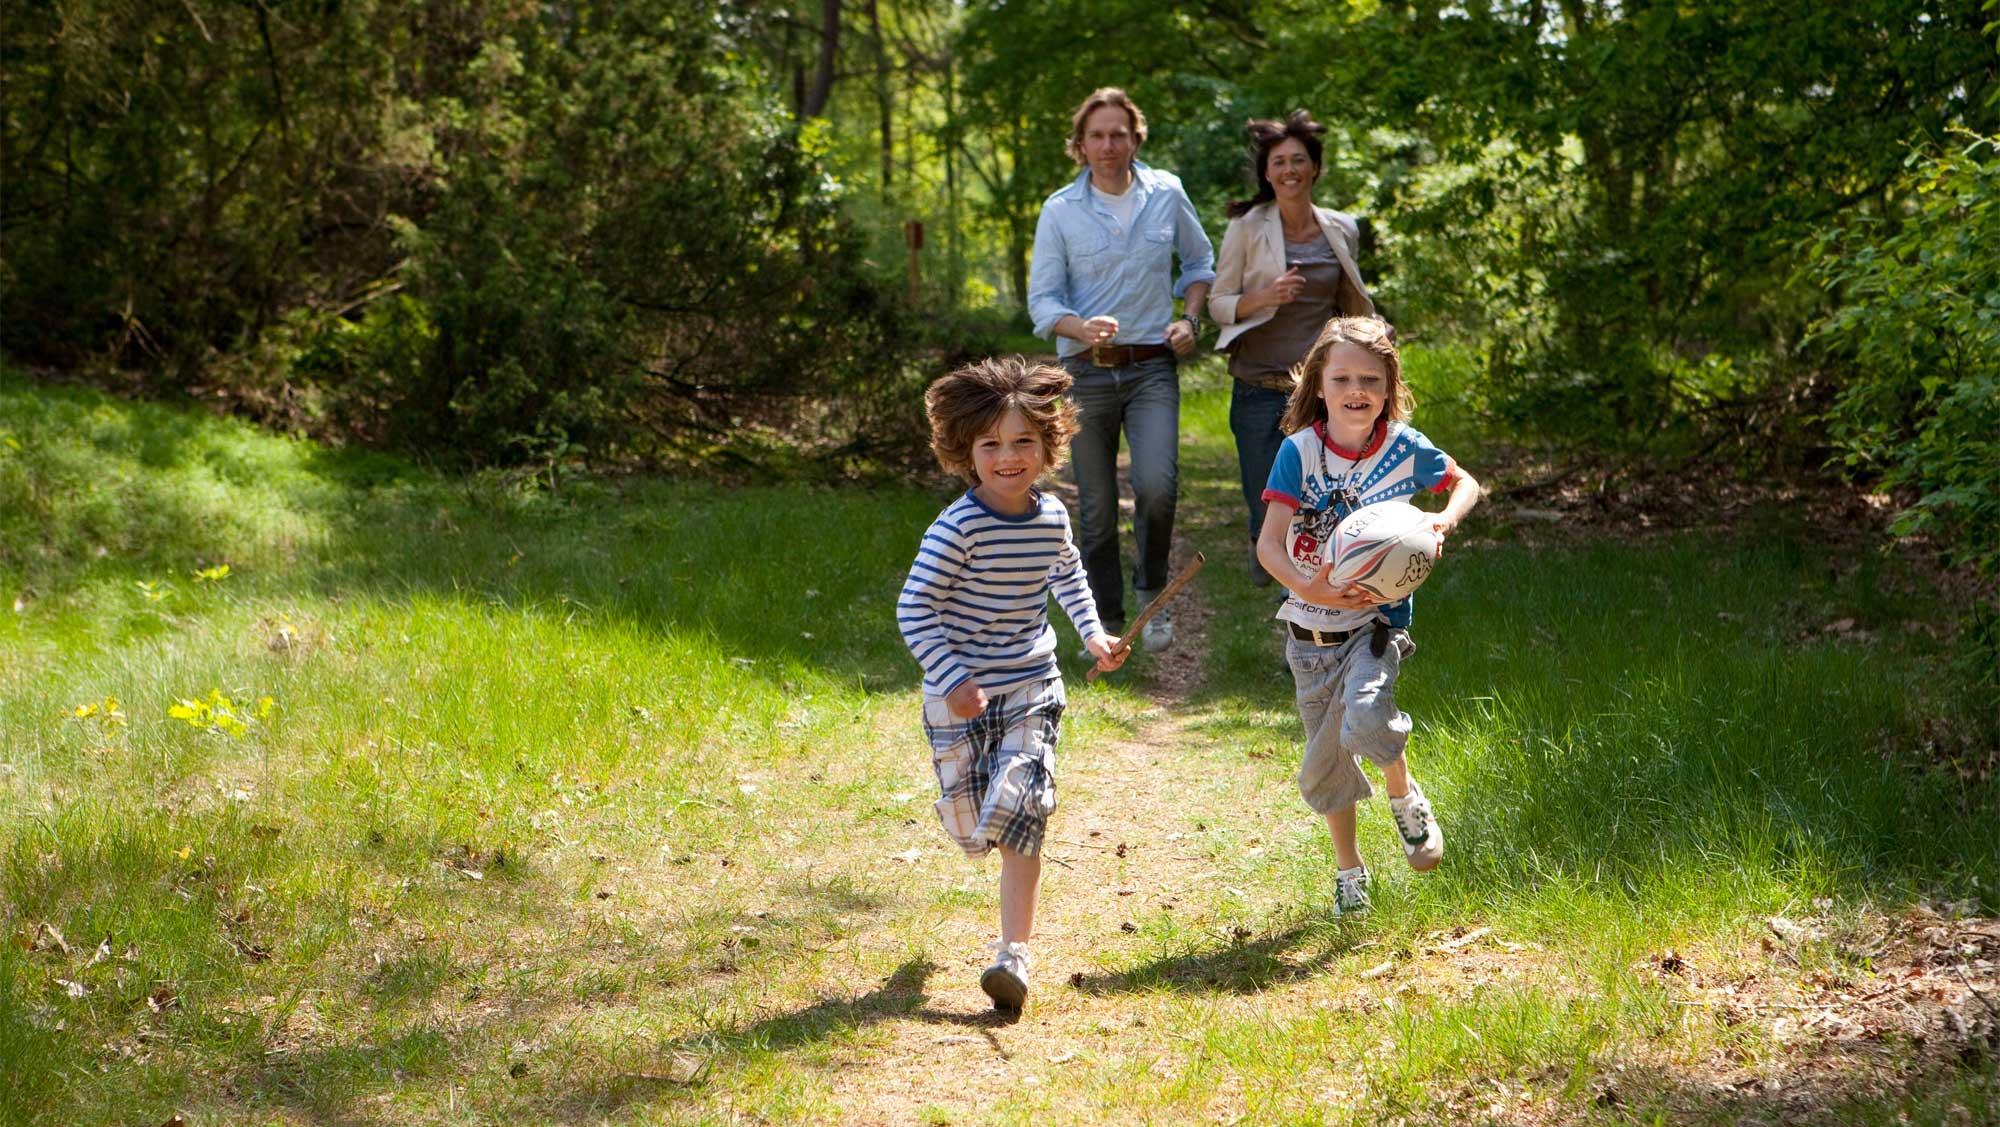 Omgeving Molecaten Park Kuierpad Drenthe 18 wandelen